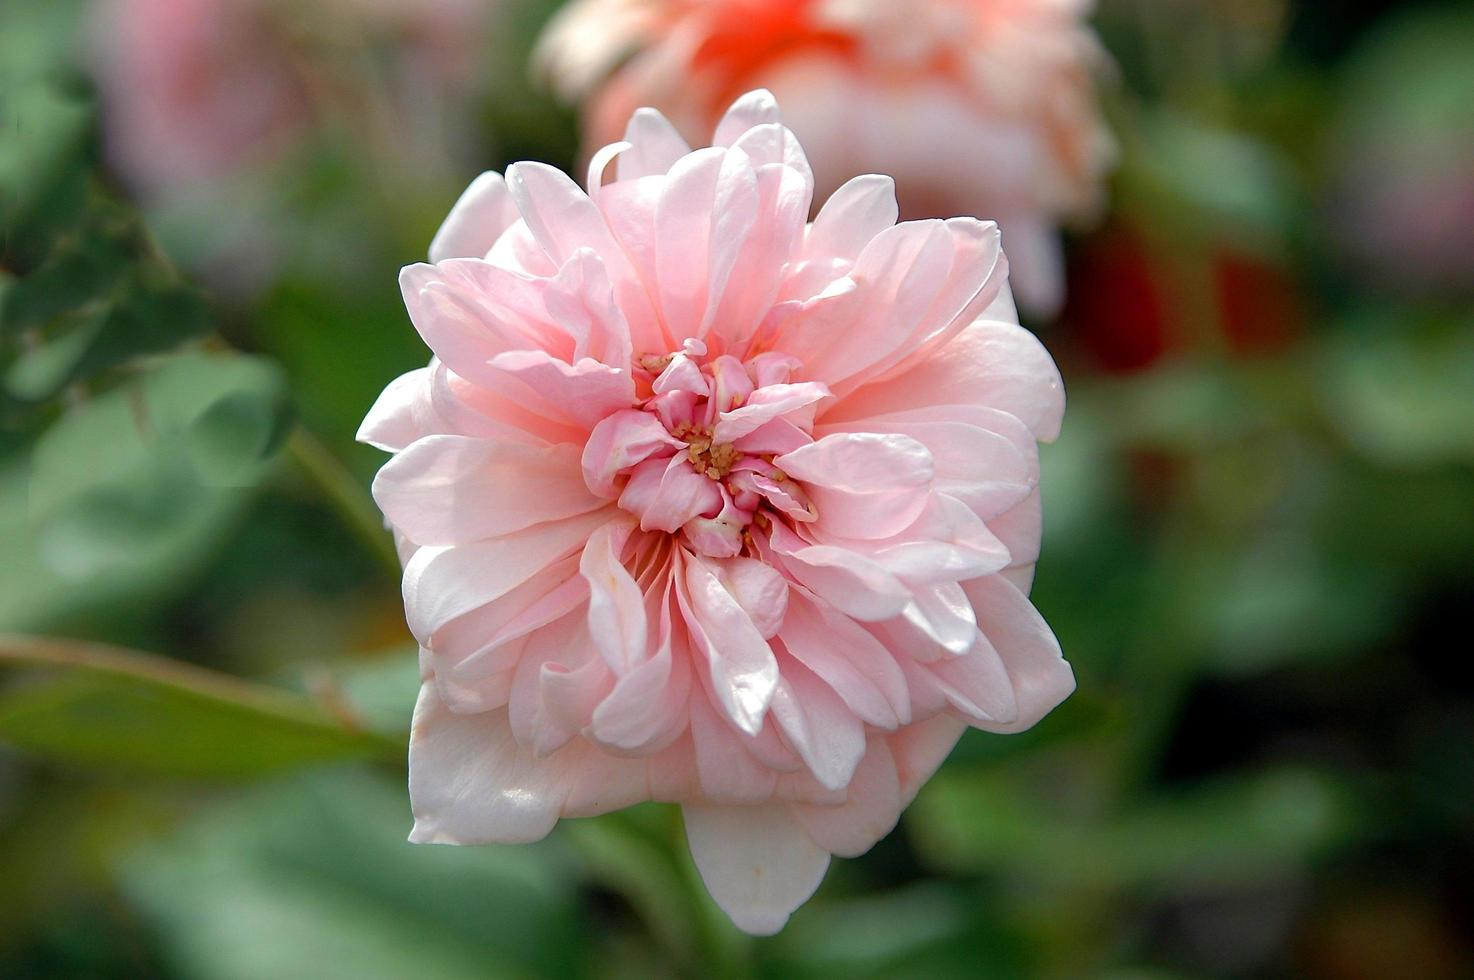 rosa rosa no jardim foto